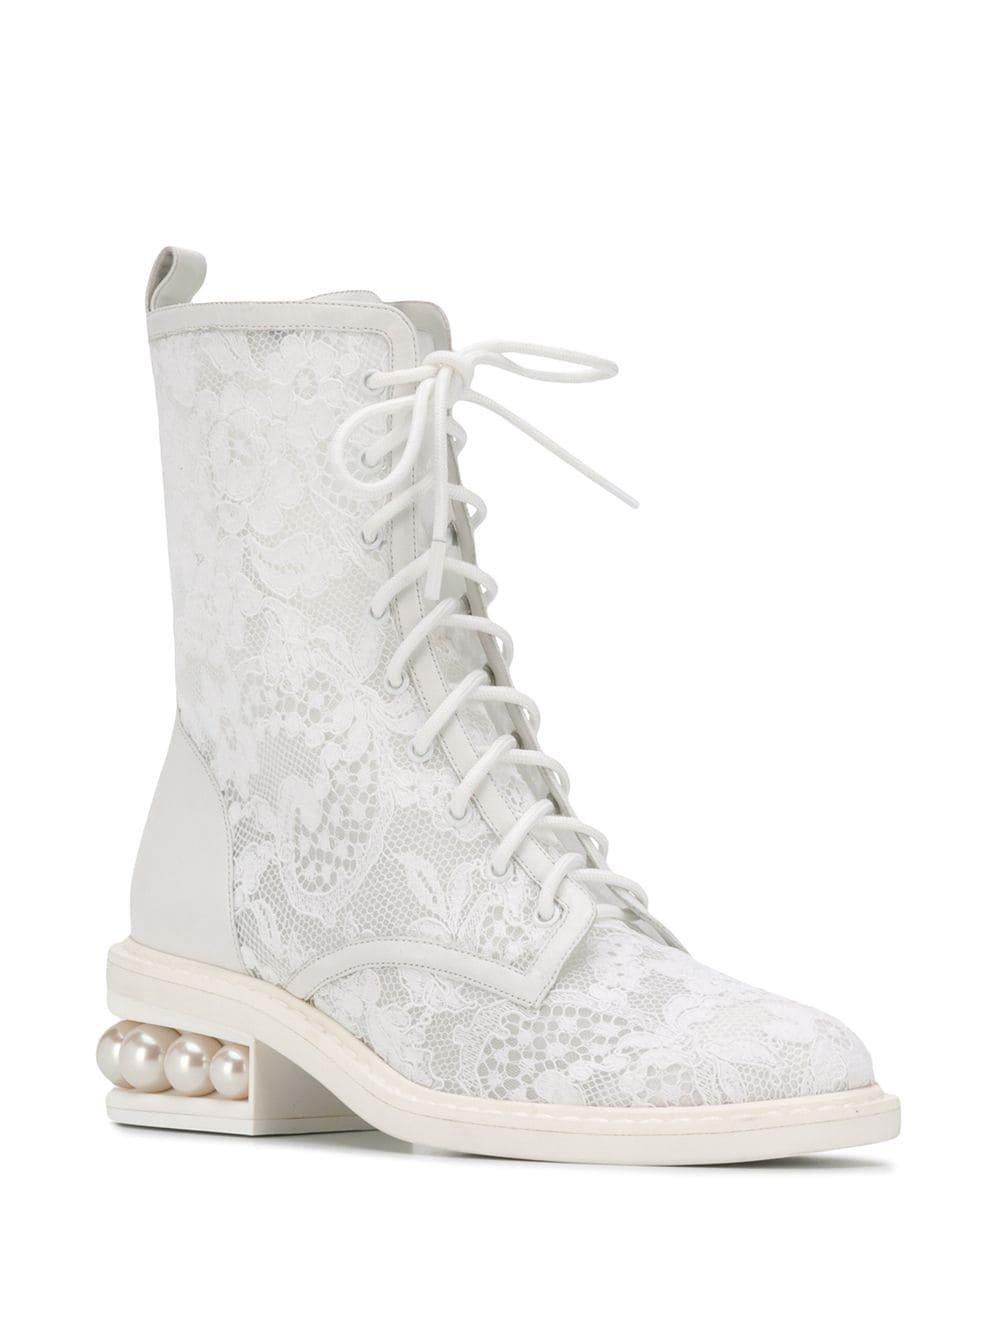 Nicholas Kirkwood Casati Pearl Combat Boots - Farfetch